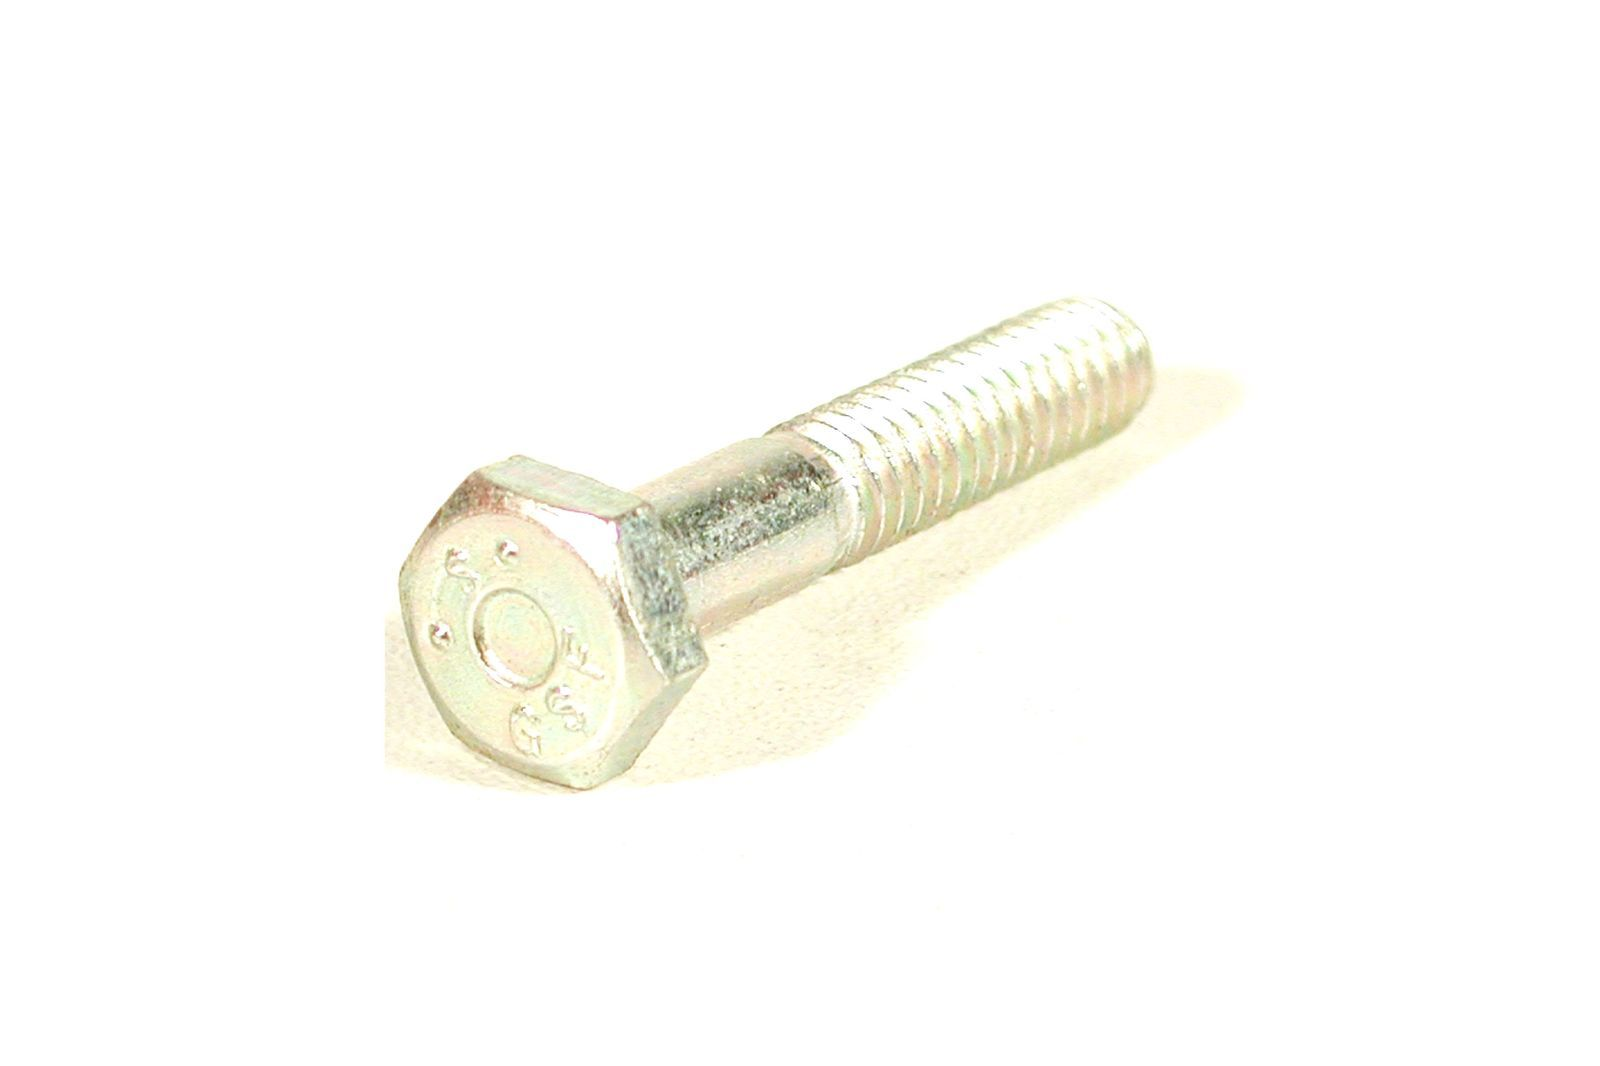 """#1001-03 Bolzen UNC 1/4"""" x 1 3/8"""", BH504111"""